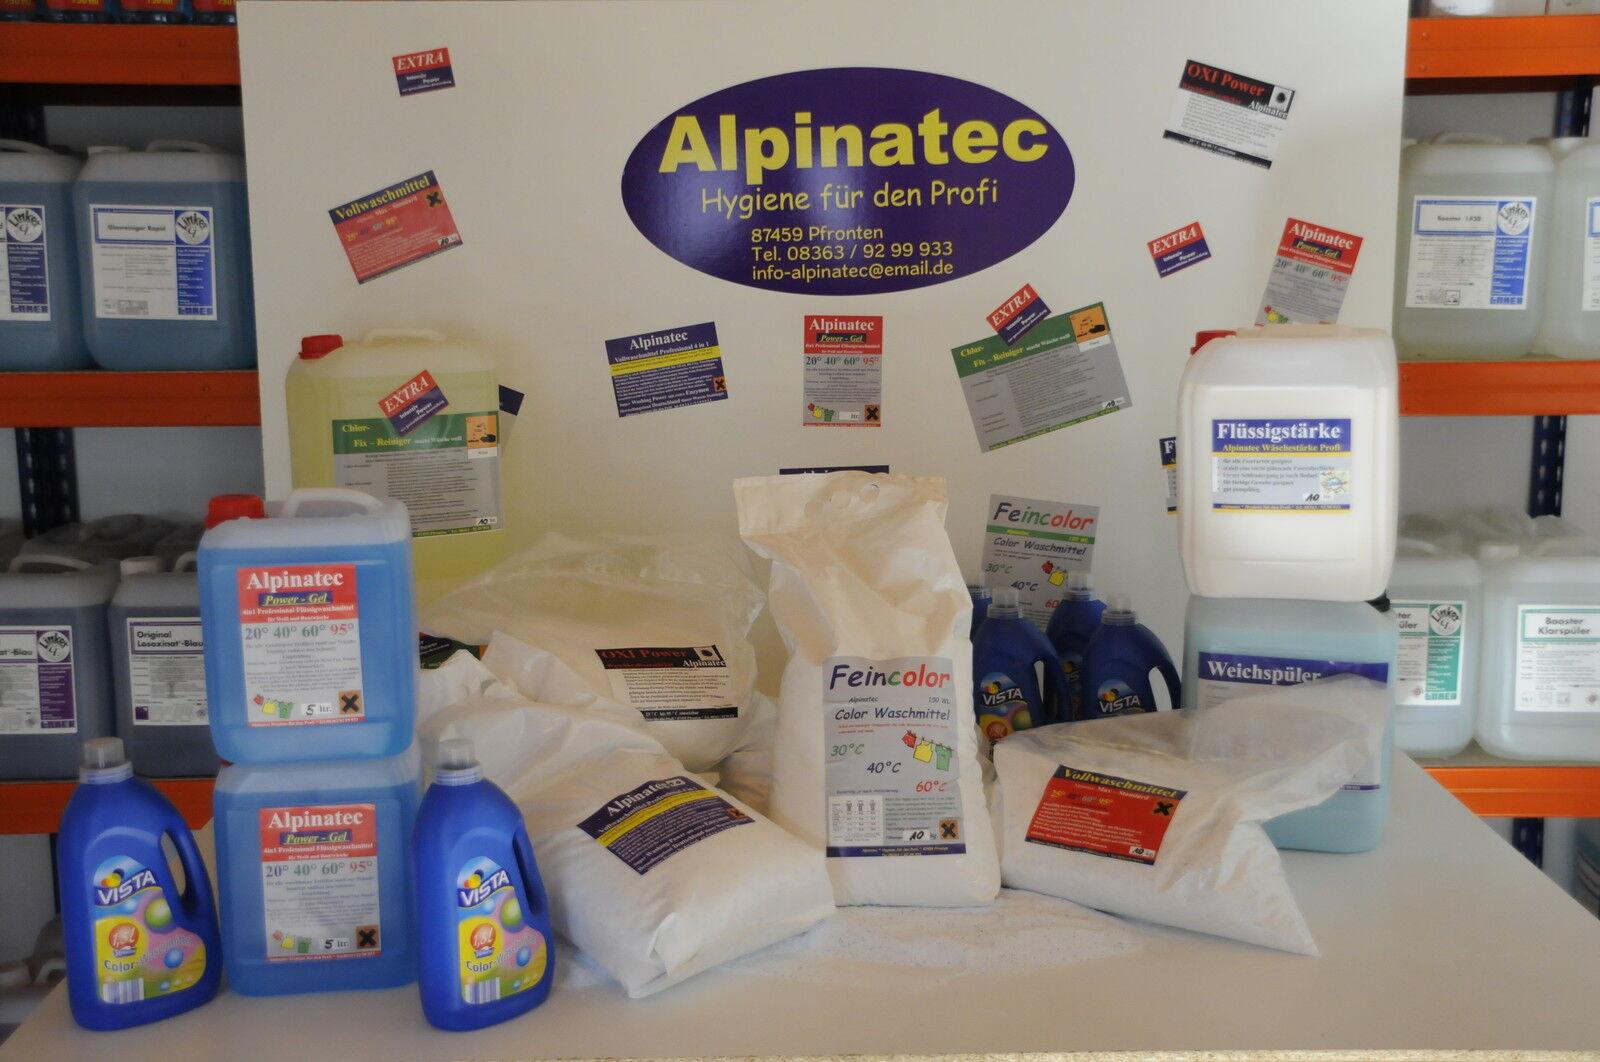 Alpinatec Hygiene für den Profi